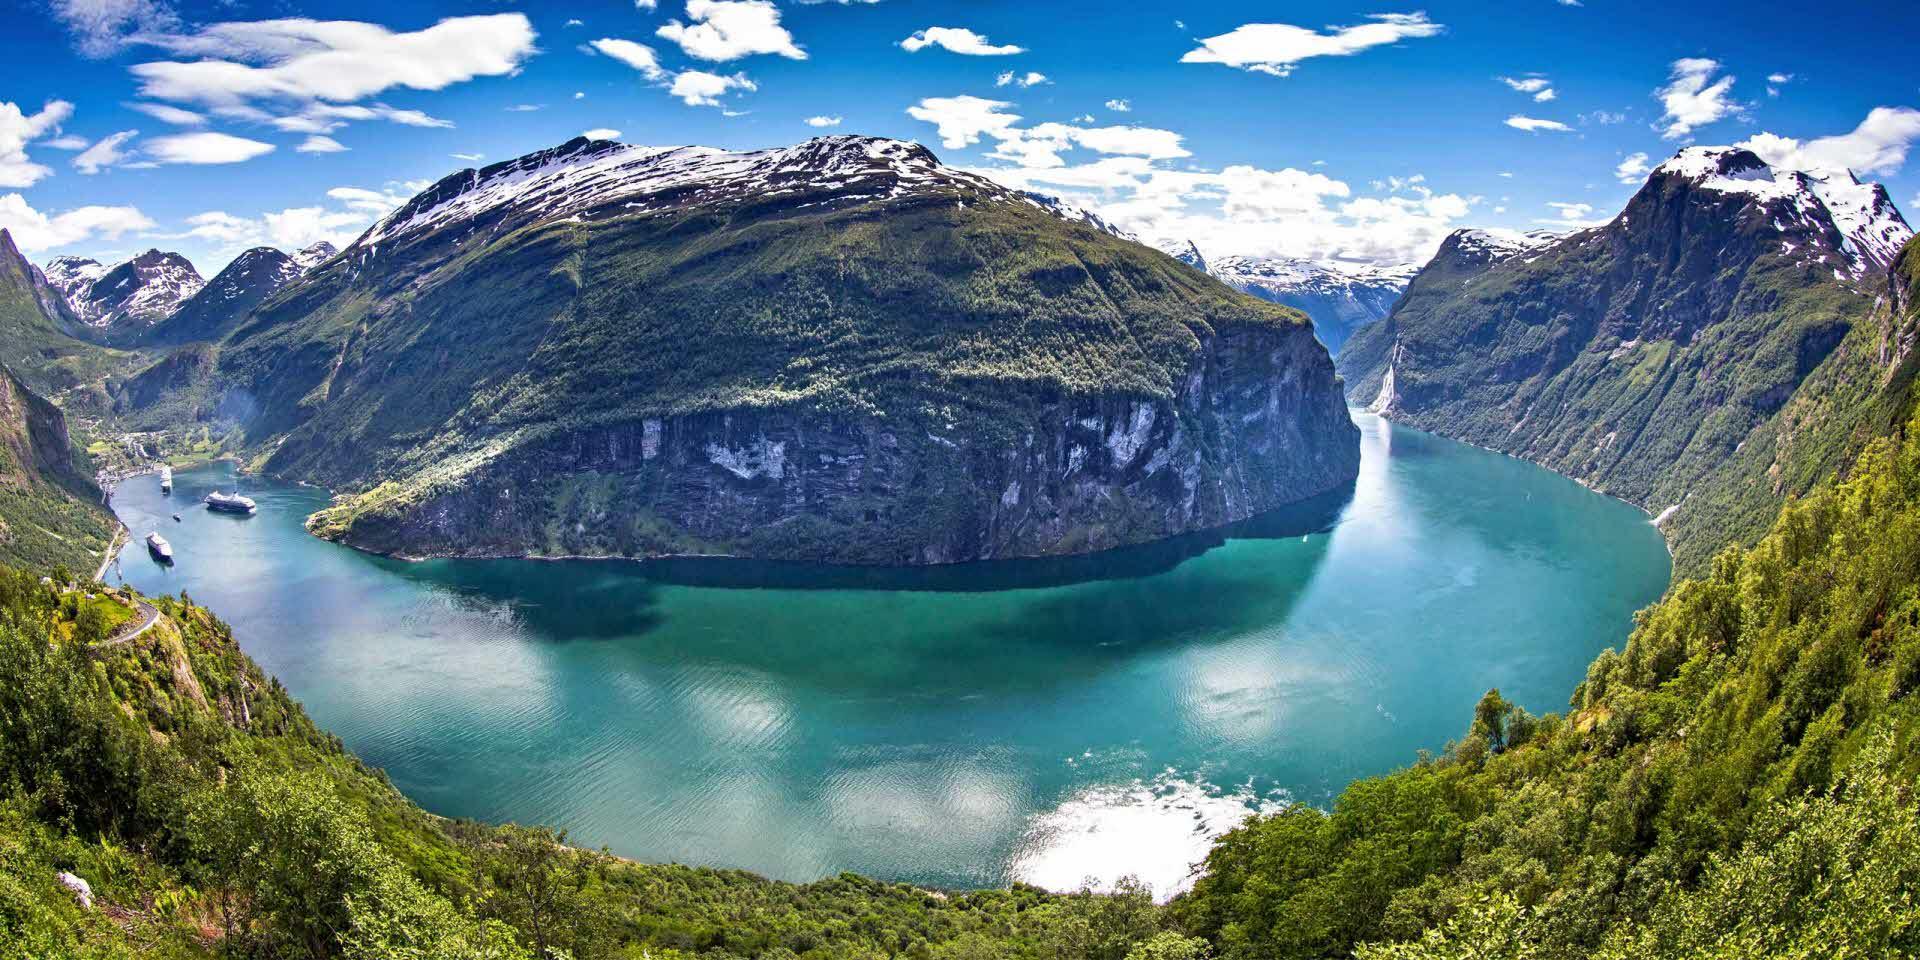 Panormabilde av Geirangerfjorden med mintgrønn fjord, frodige daler og fjellsider med snødekte topper